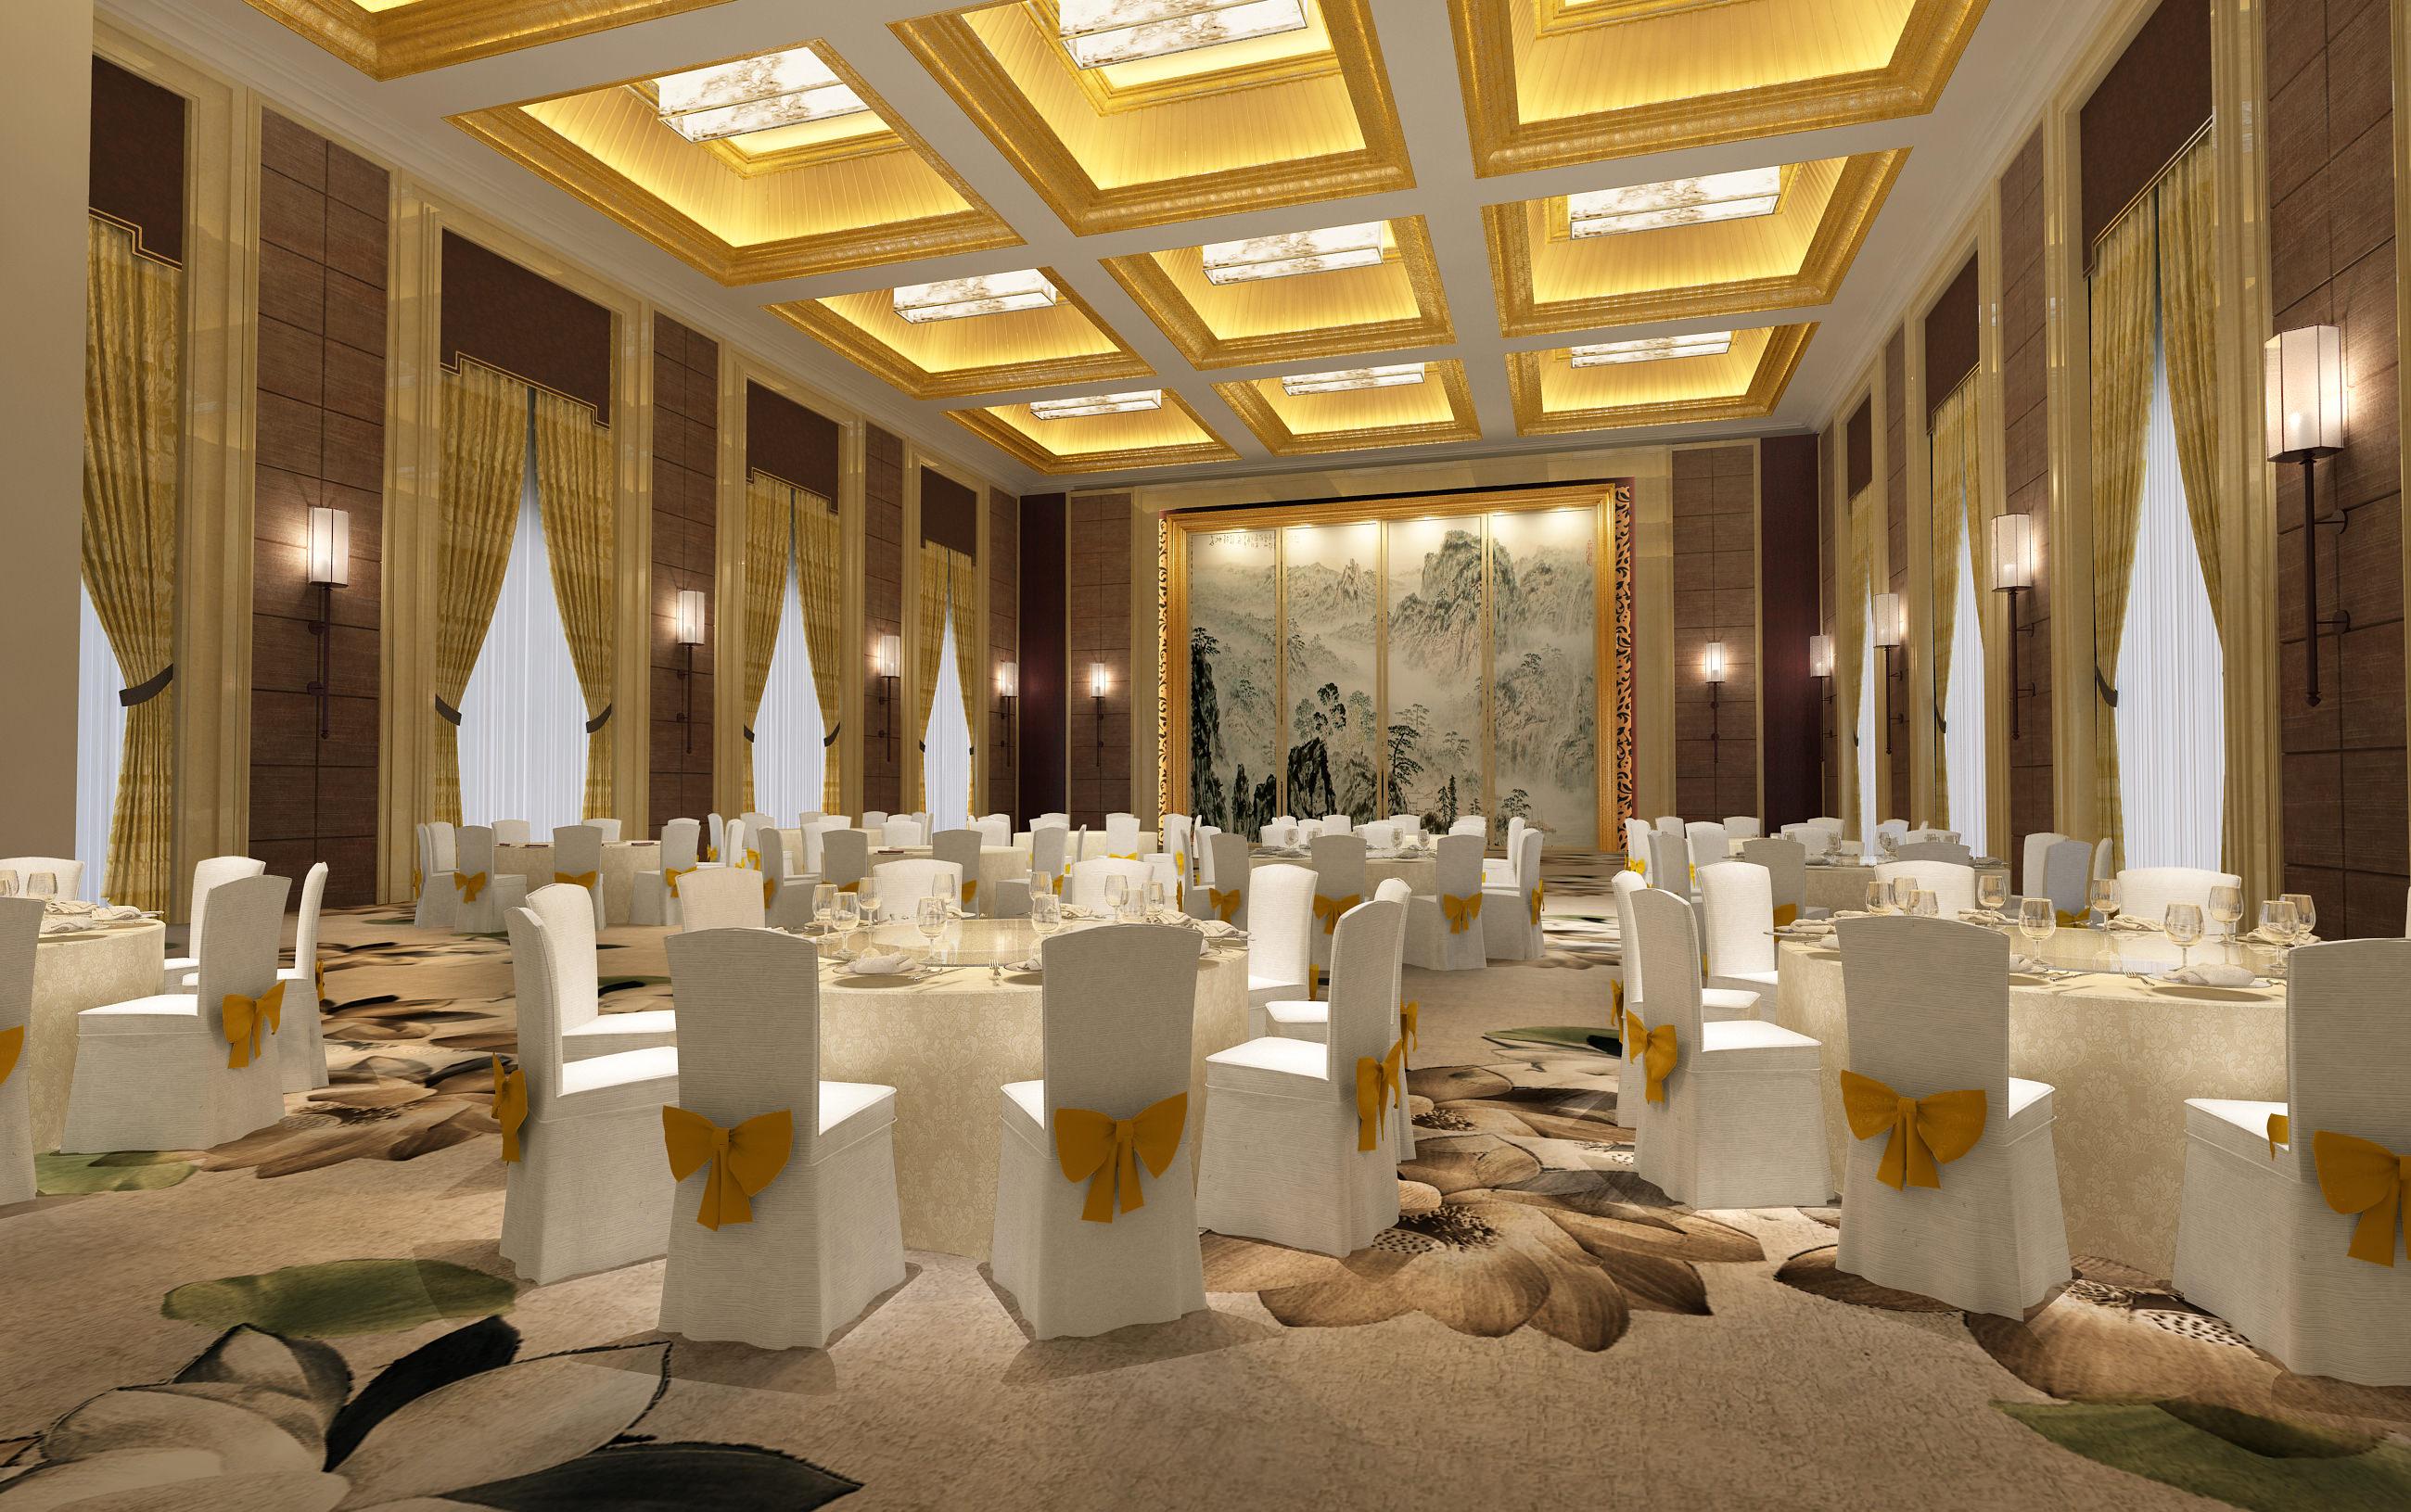 Banquet Hall 3d Model Max Cgtrader Com